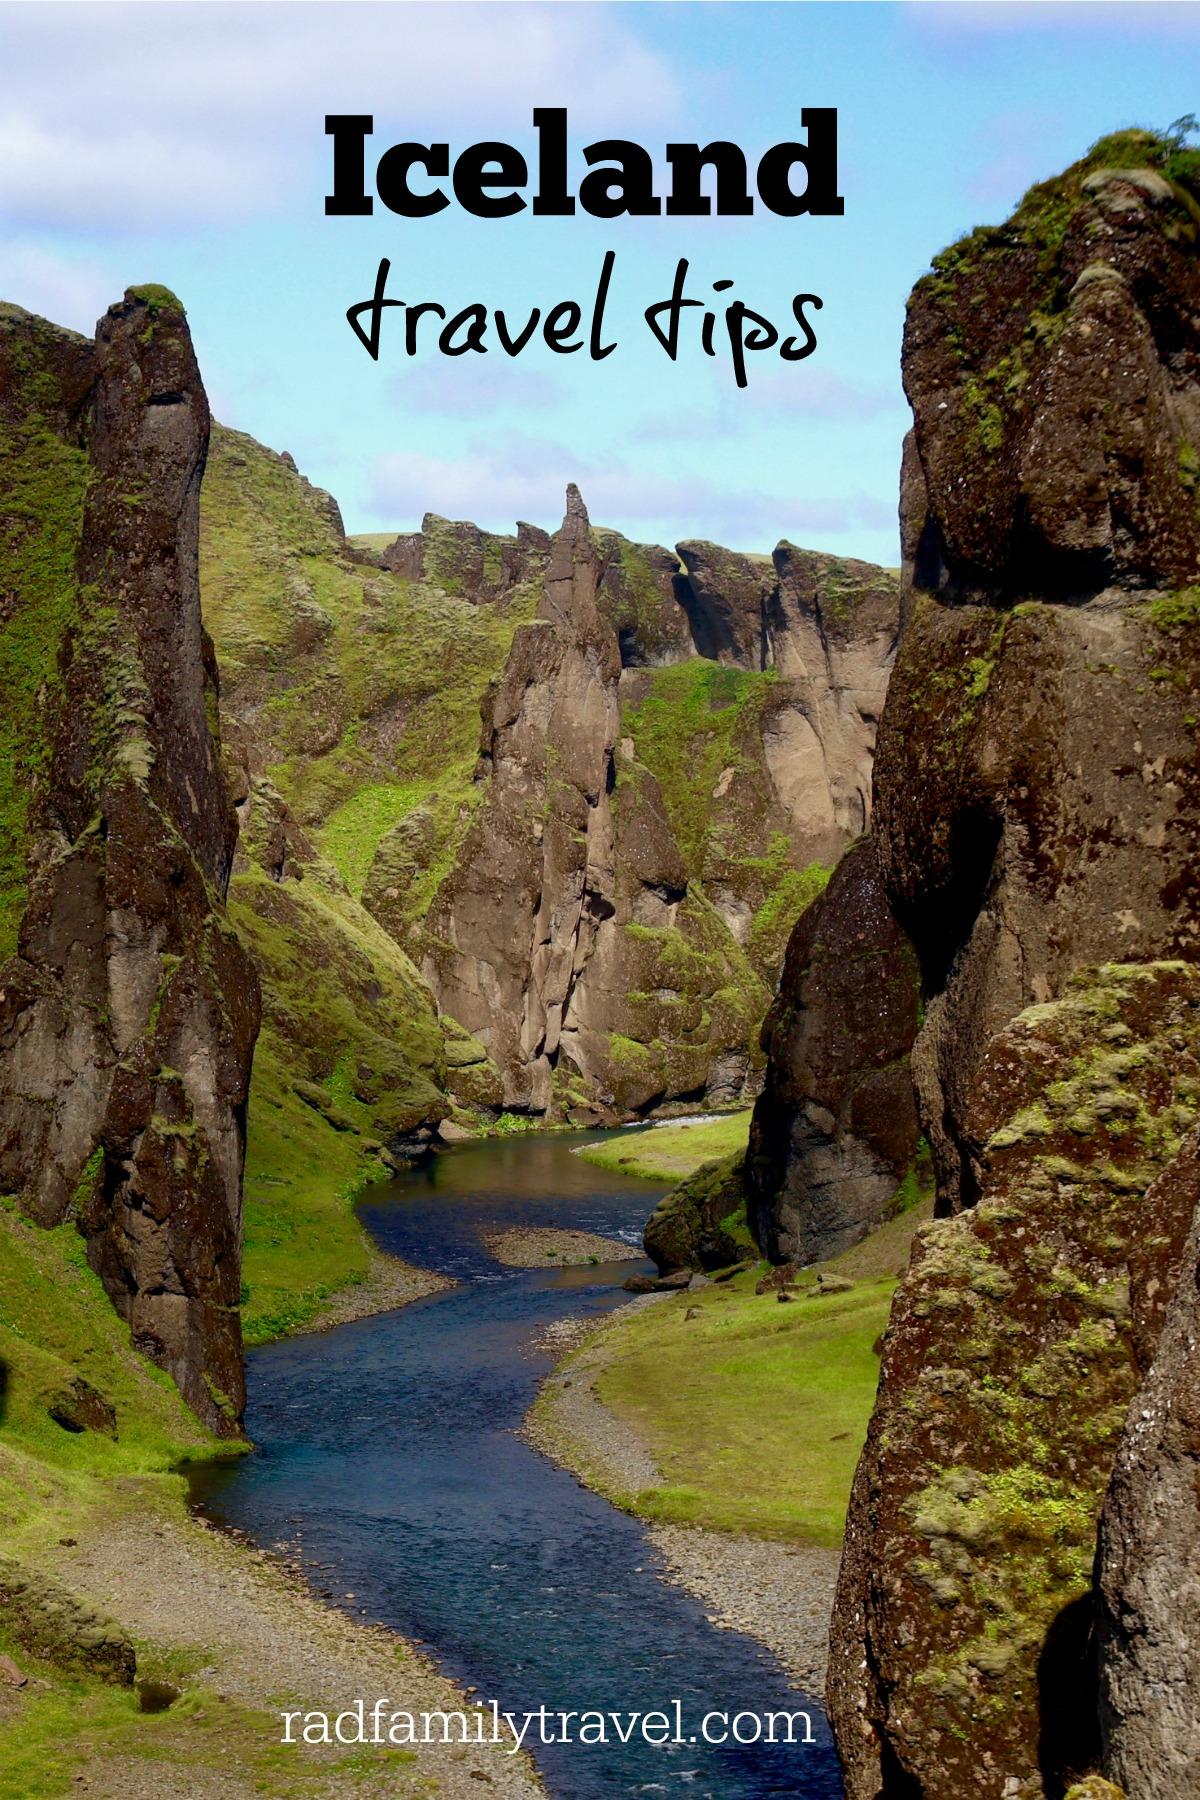 Iceland travel tips.jpg